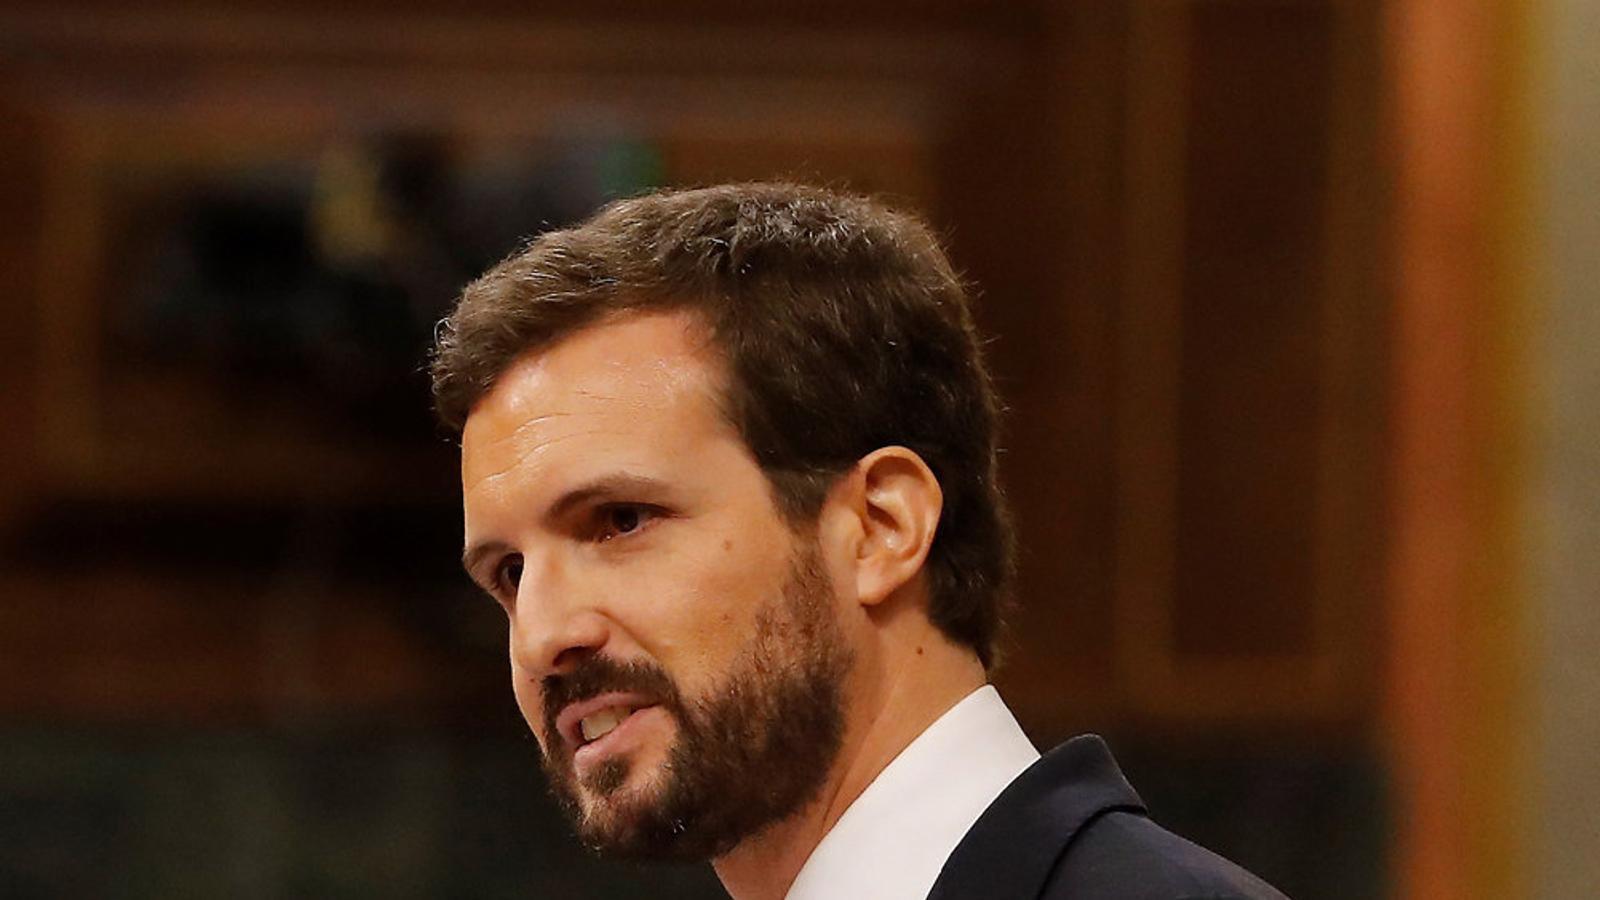 El líder del PP, Pablo Casado, ahir durant el debat al Congrés de Diputats.